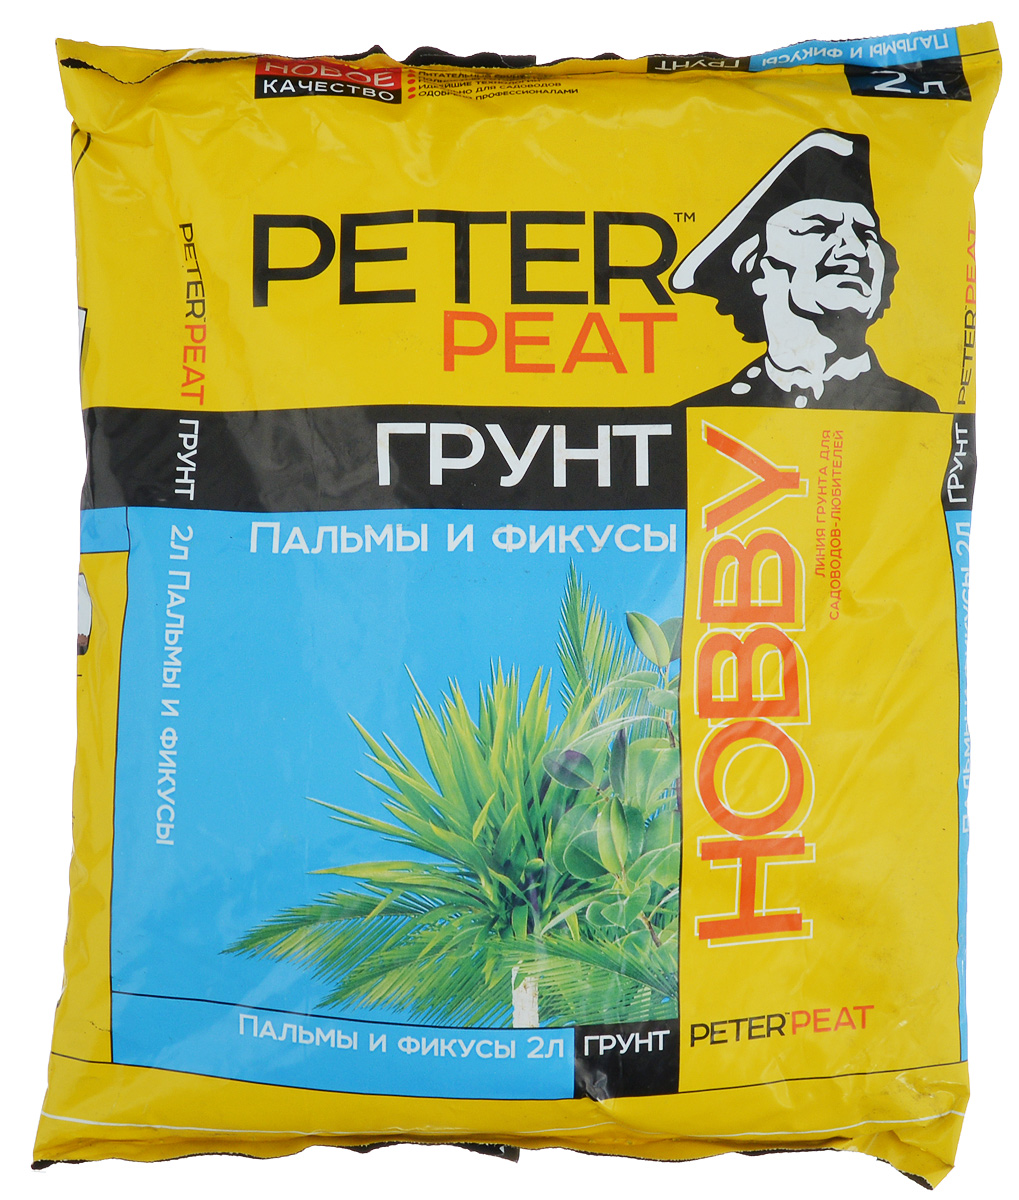 Грунт для растений Peter Peat Пальмы и фикусы, 2 л8711969016033Peter Peat Пальмы и фикусы - это готовый к применению питательный торфяной грунт. Грунт предназначен для выращивания пальм, фикусов, монстеры, юкки и других крупномерных растений. Способствует приживаемости растений и улучшает их декоративные качества.